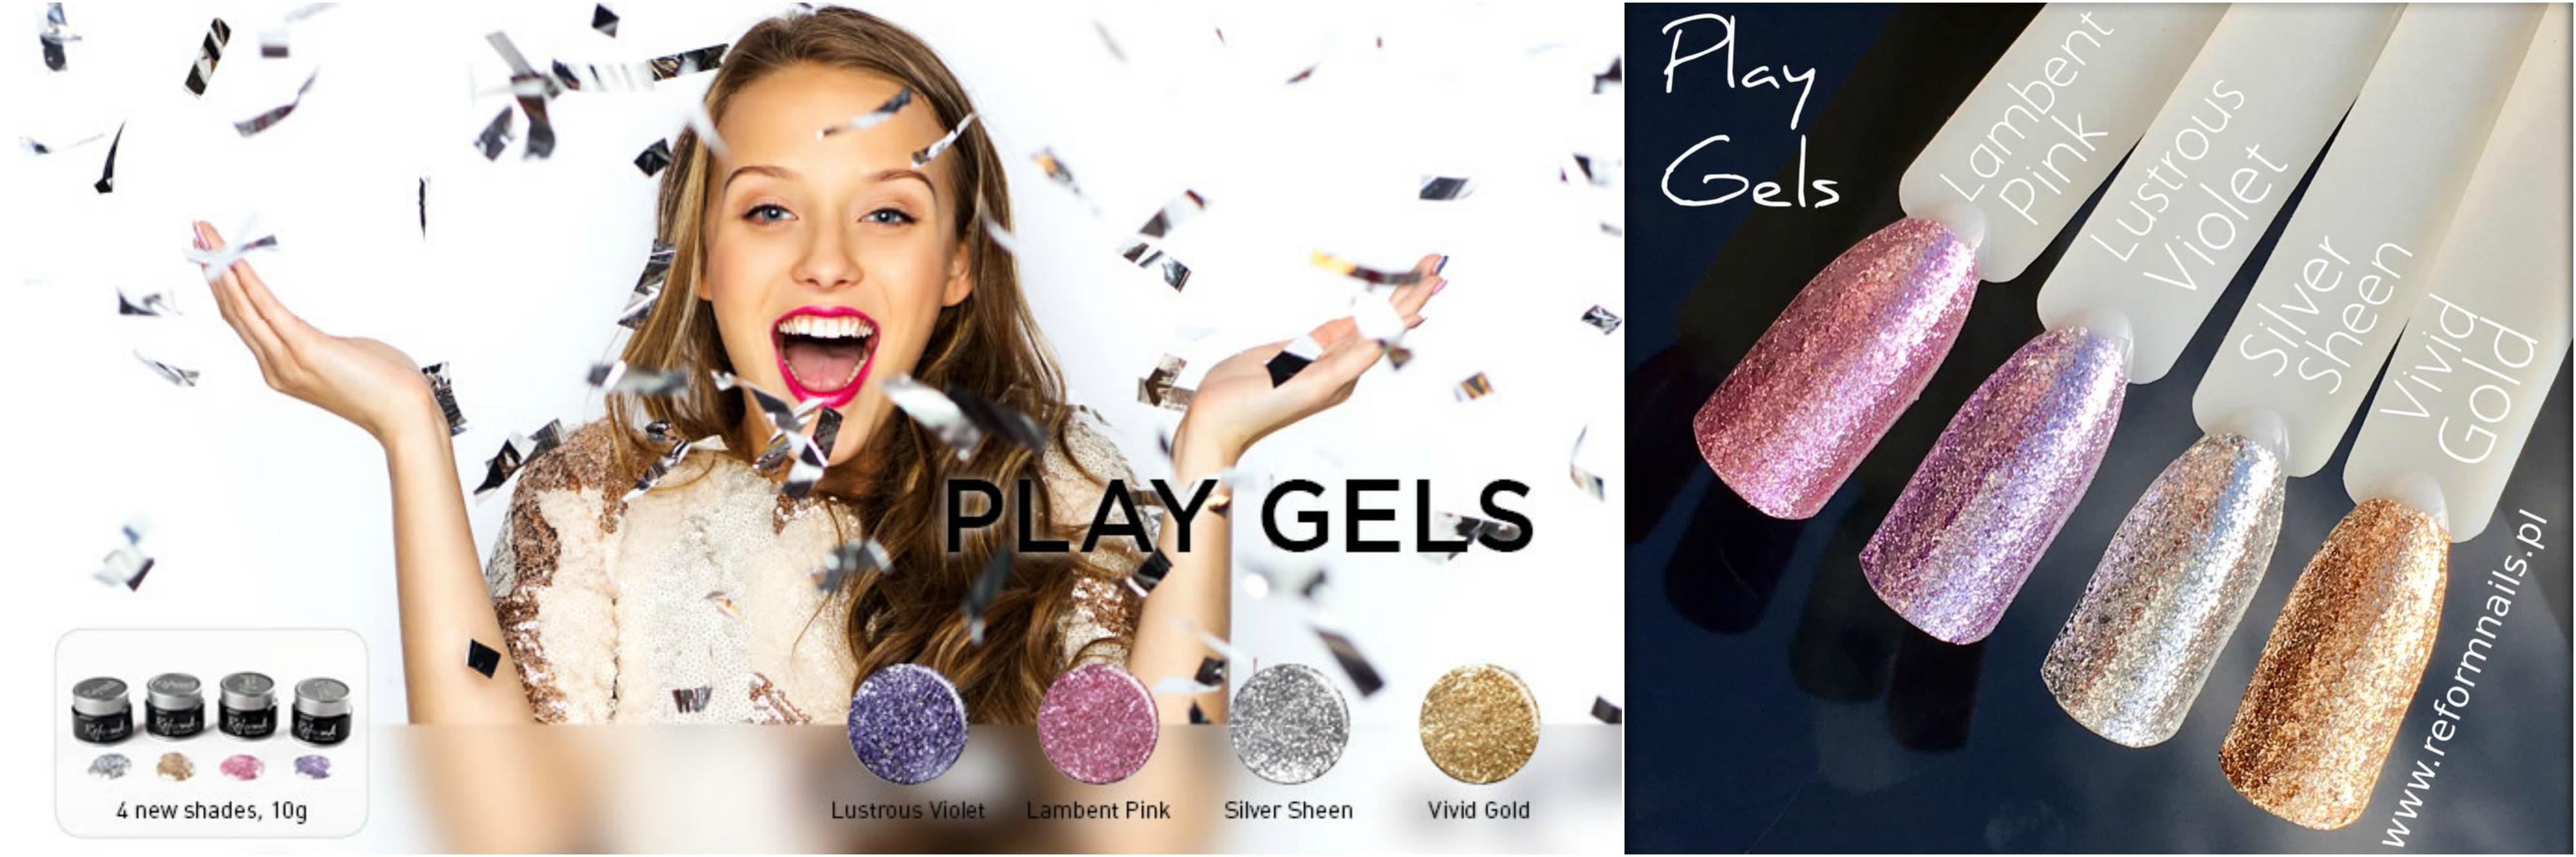 Play gels